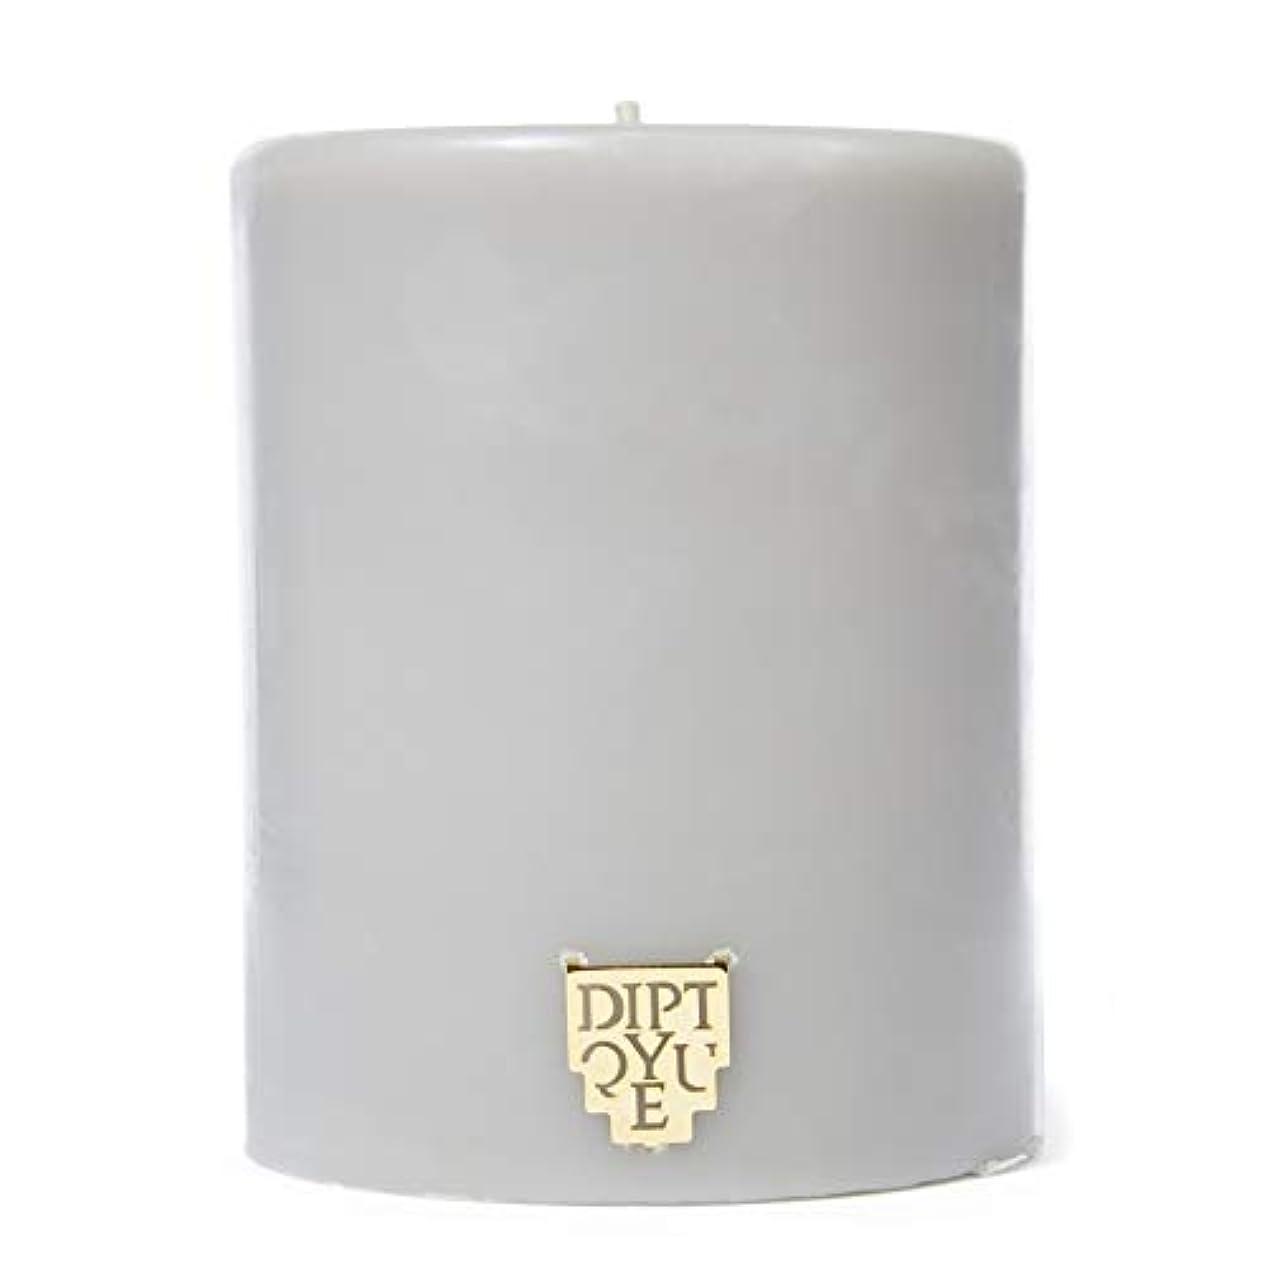 純度司教レタス[Diptyque] DiptyqueのFeuデボワピラーキャンドル450グラム - Diptyque Feu De Bois Pillar Candle 450g [並行輸入品]